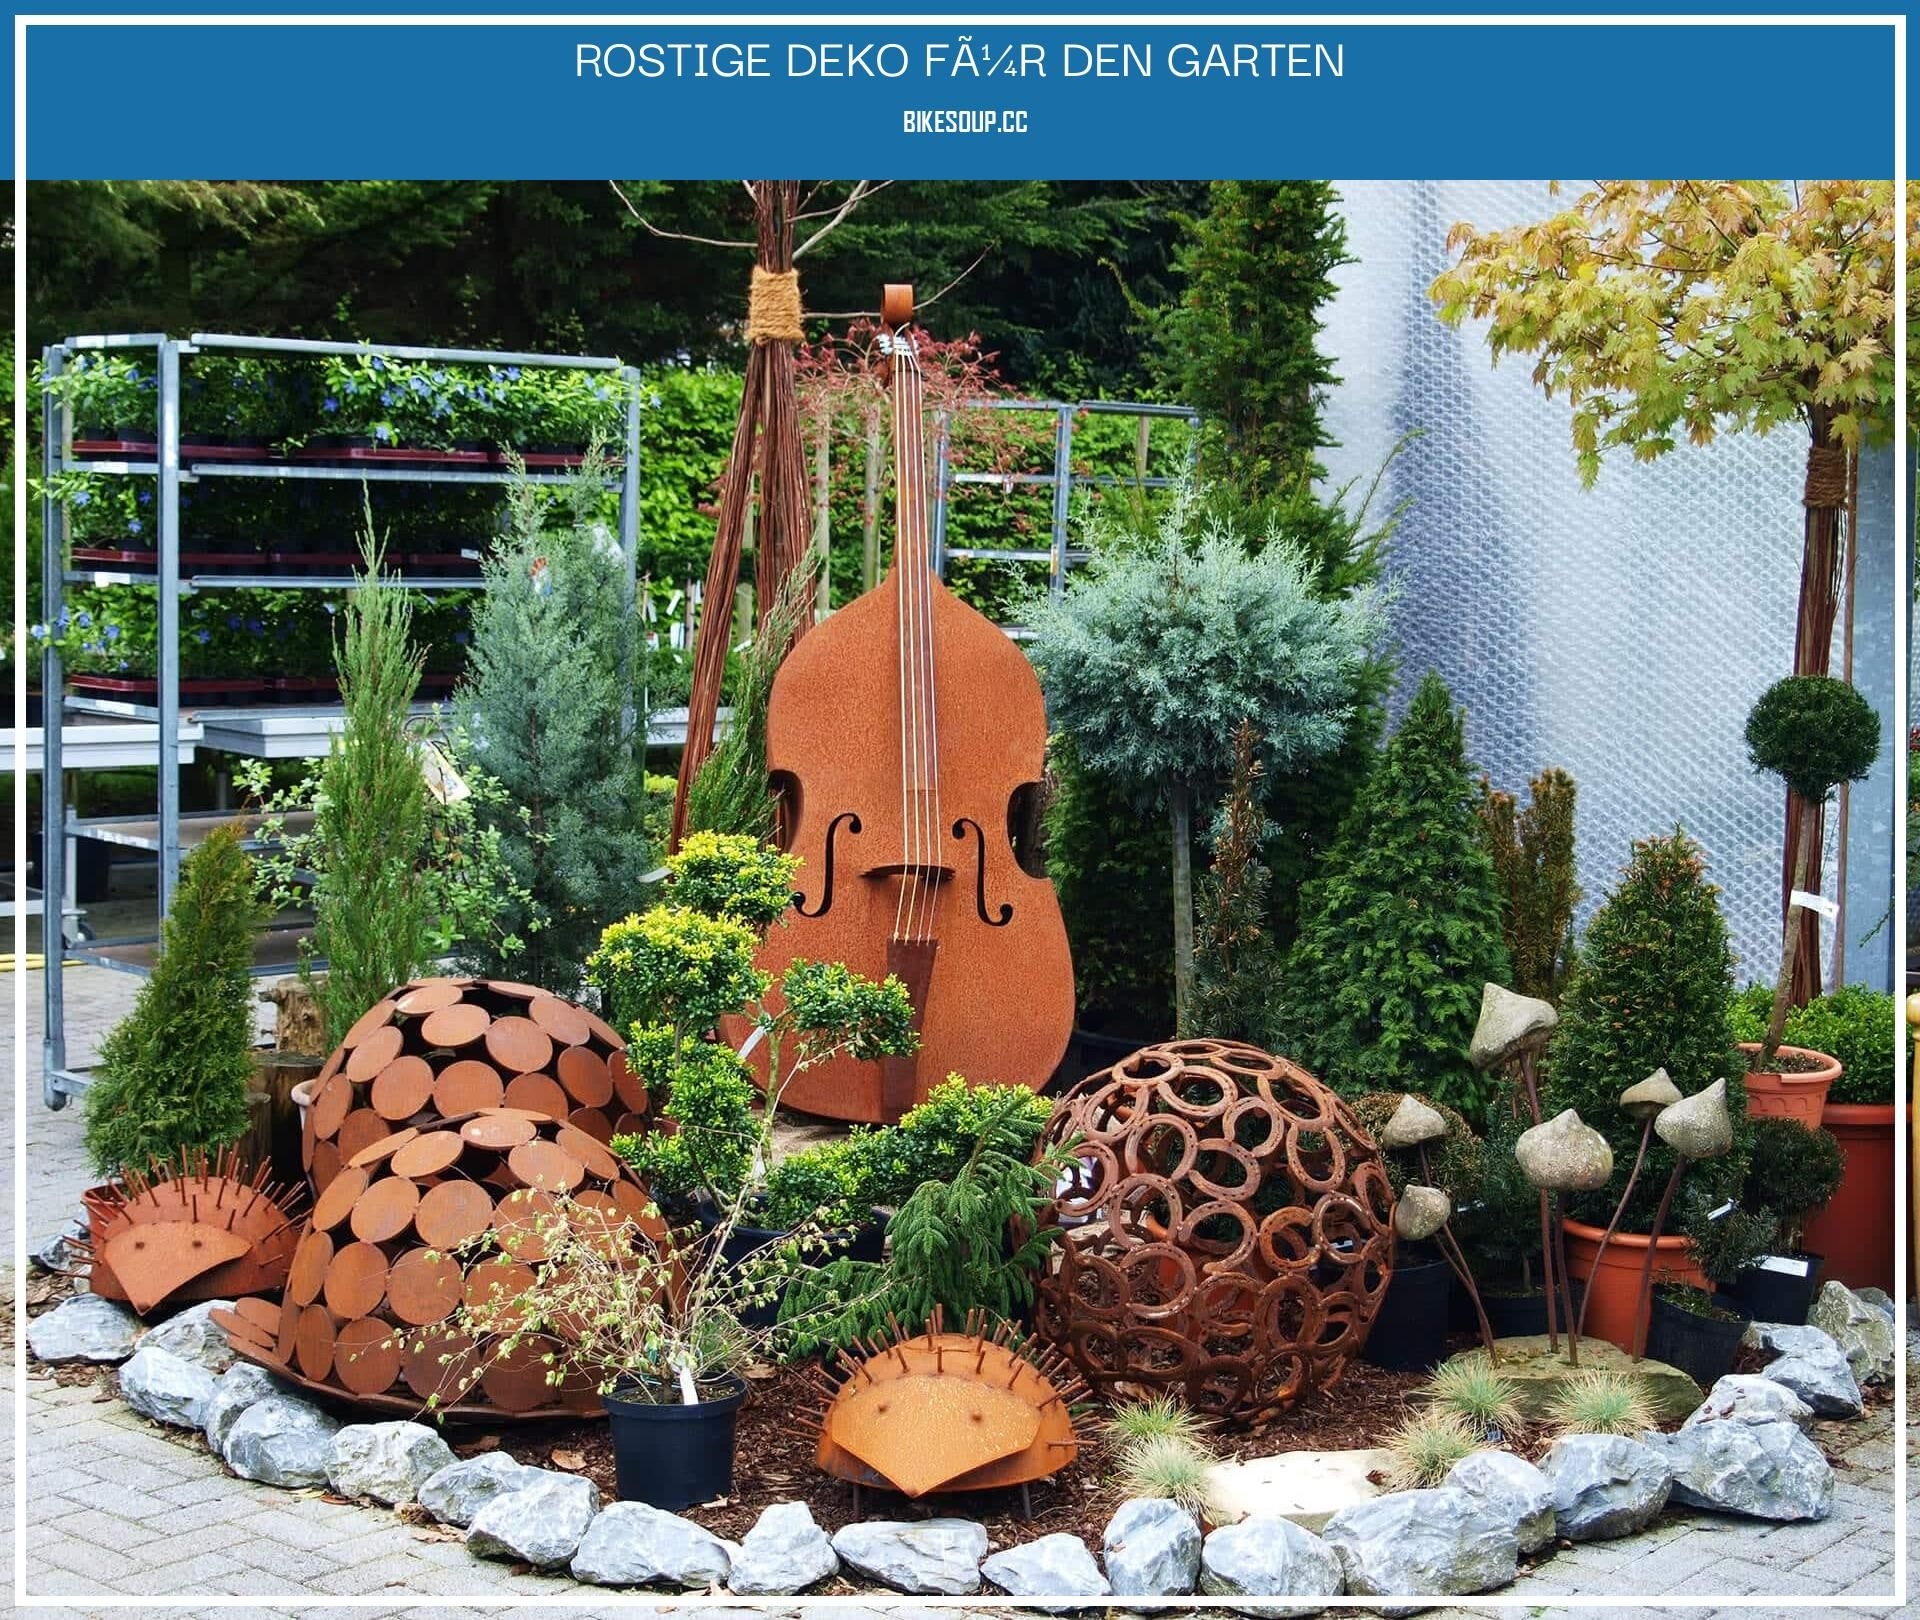 38 Schön Rostige Deko Für Den Garten 38 Schön Rostige Deko Für Den Garten Garten Deko Holzgitter Dekoration